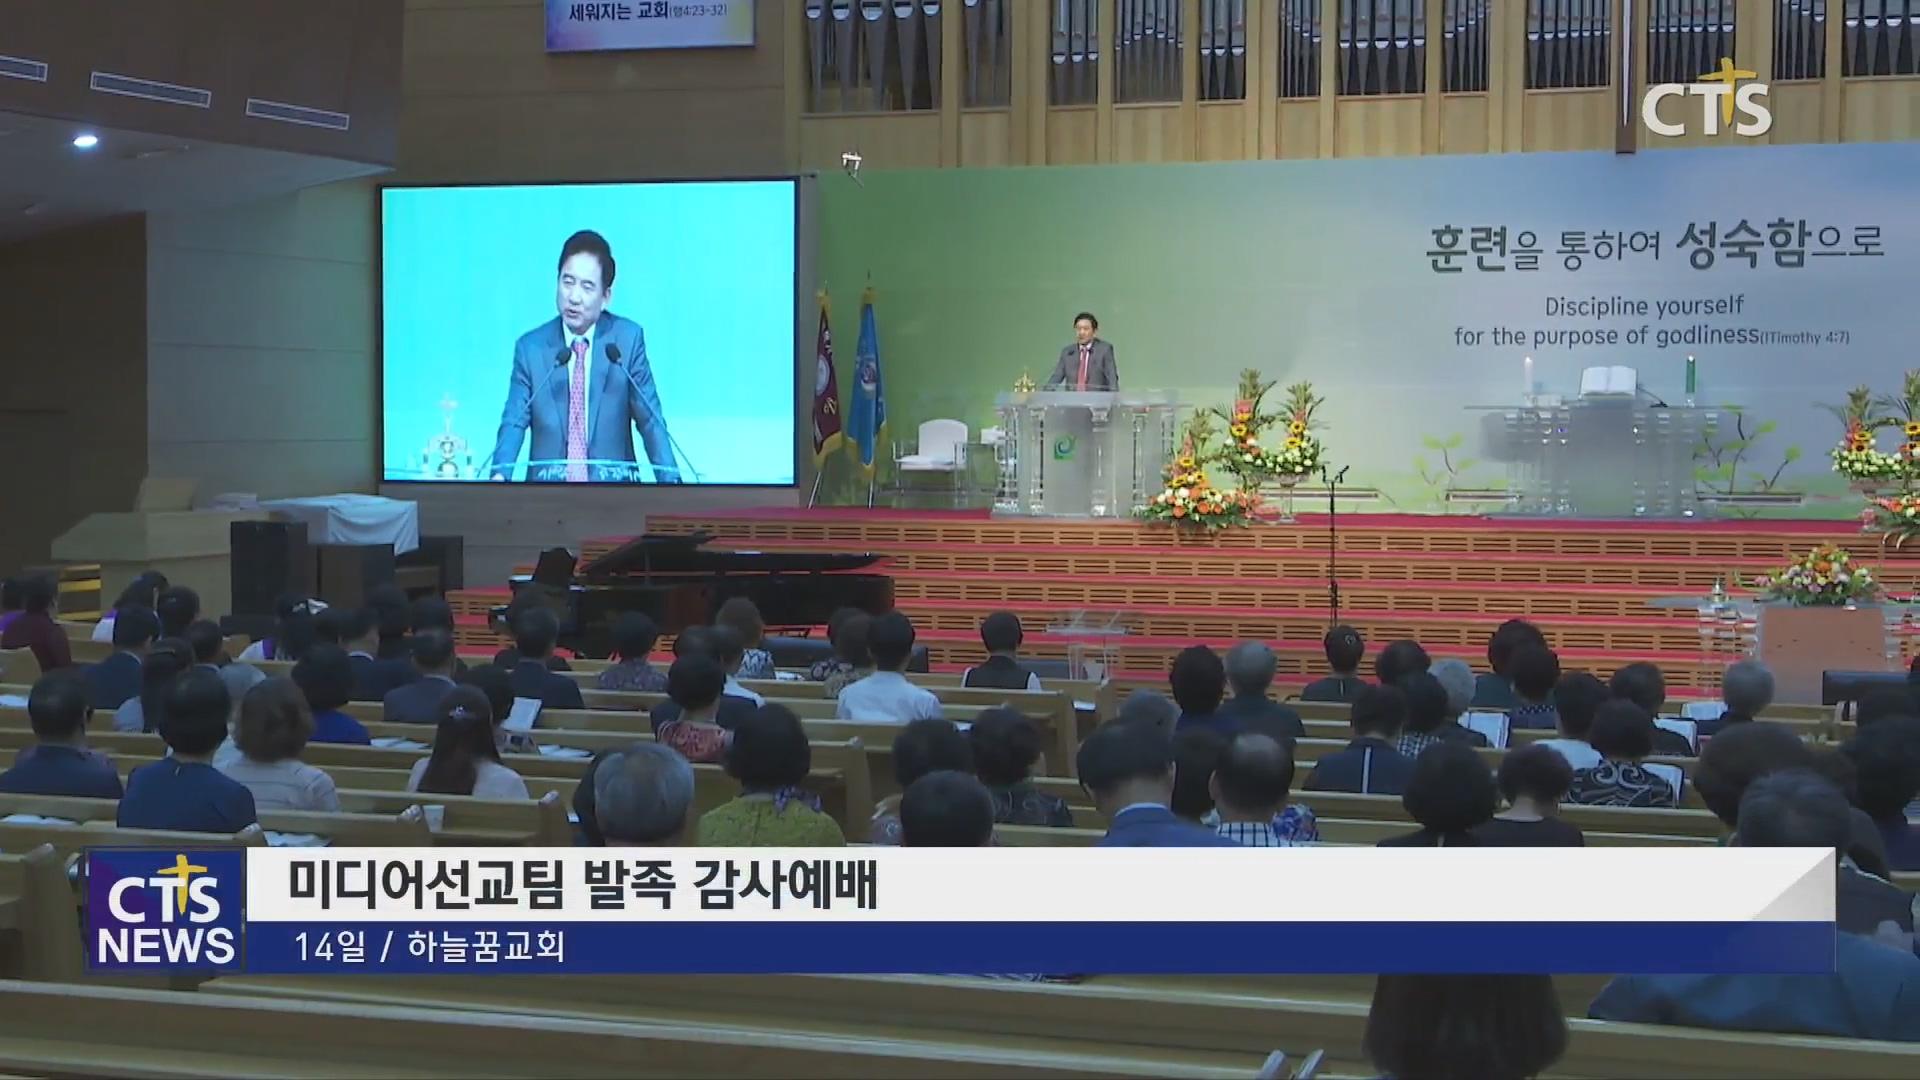 하늘꿈교회 미디어선교팀 발족 감사예배